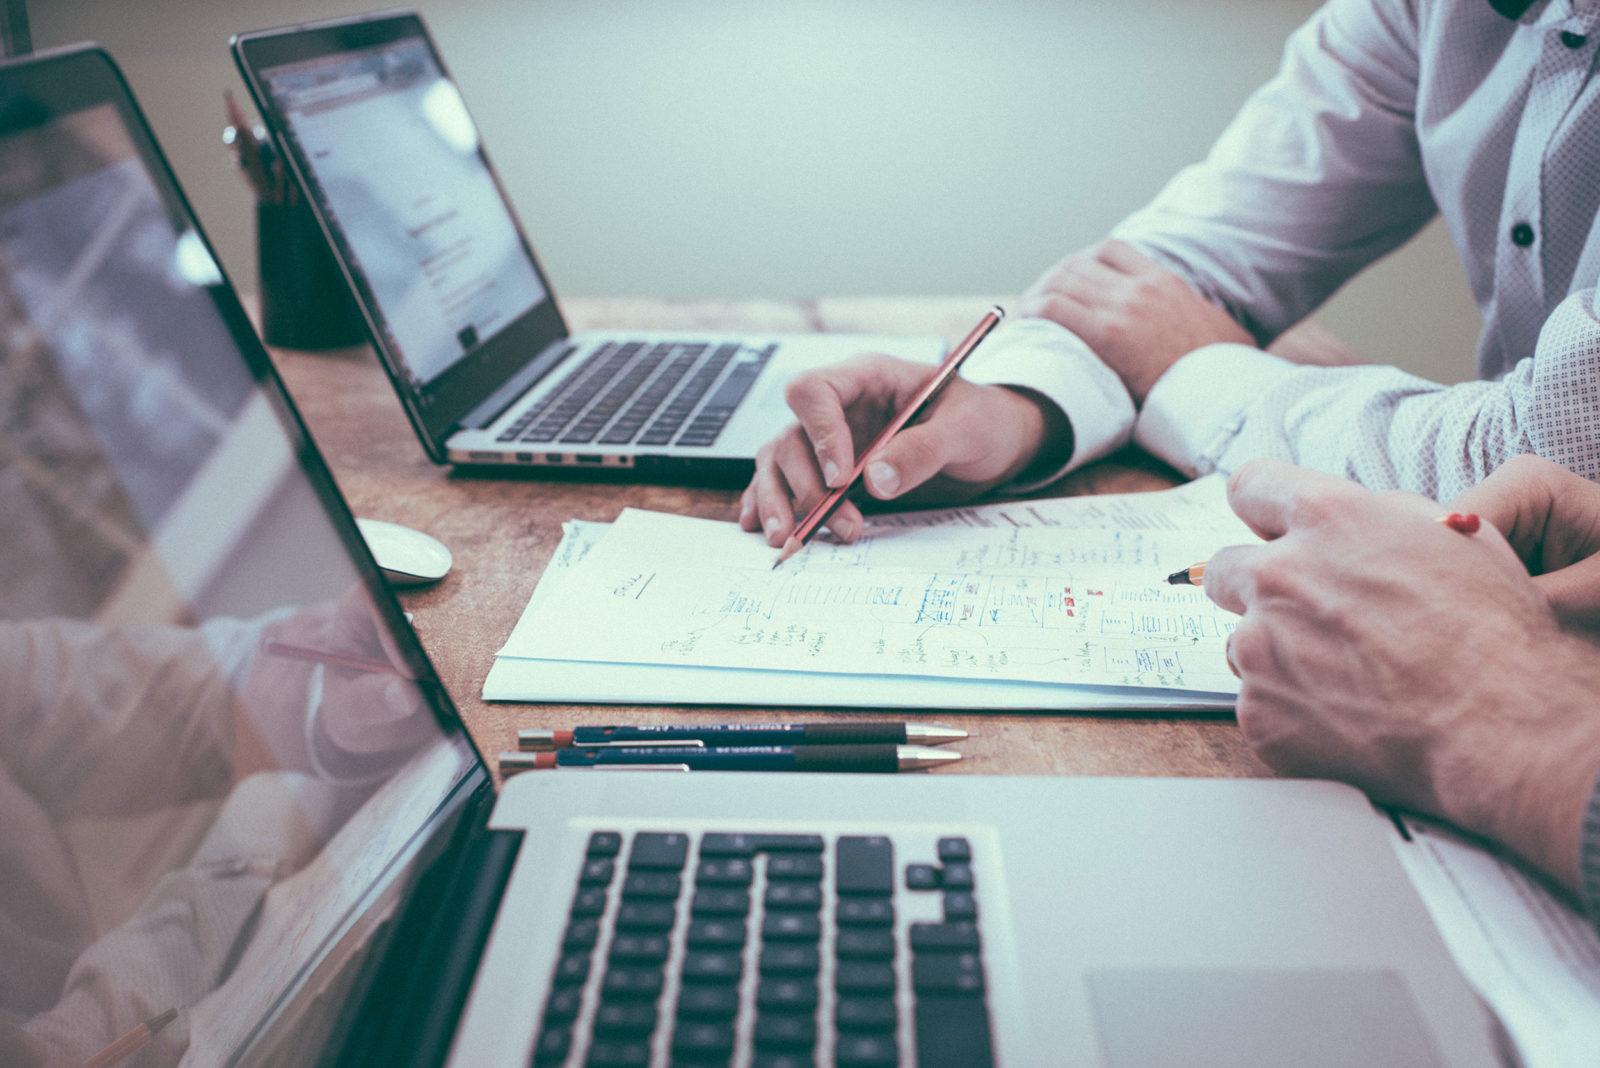 Deux hommes qui travaillent sur un bureau. L'un montre à l'autre quelque chose sur une feuille avec un stylo